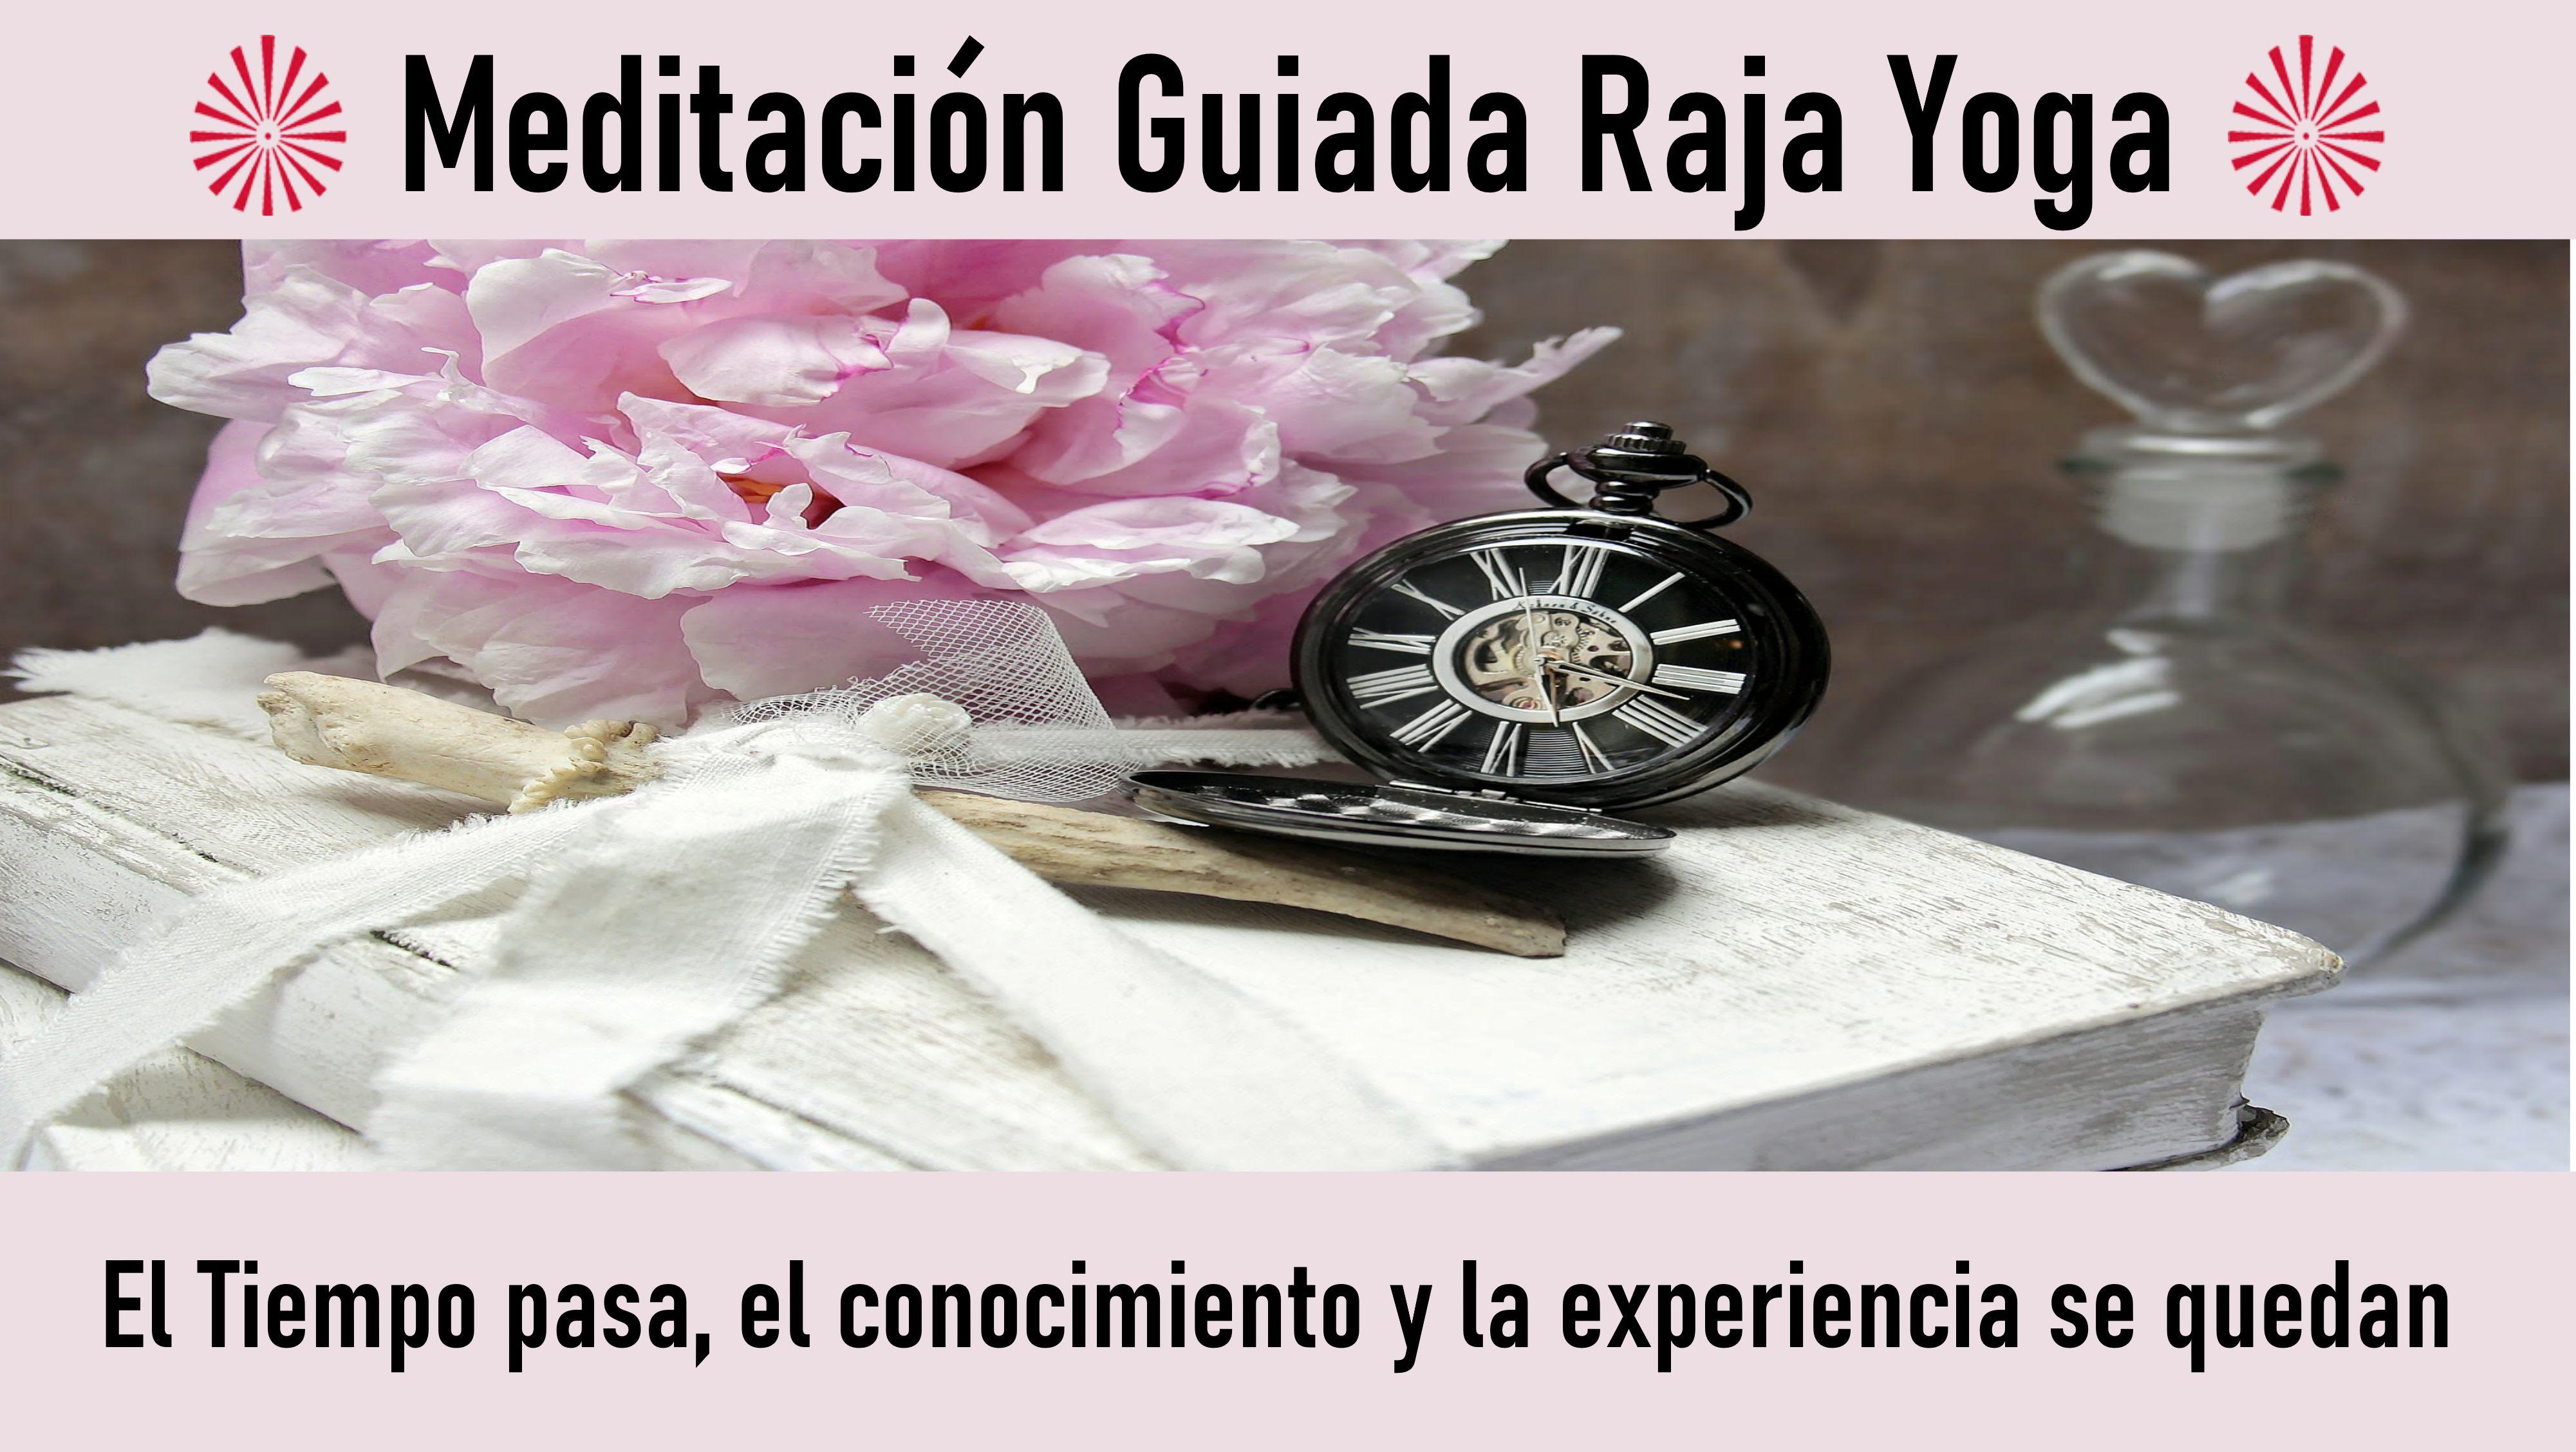 19 Octubre 2020  Meditación guiada: El Tiempo pasa, el conocimiento y la experiencia se quedan